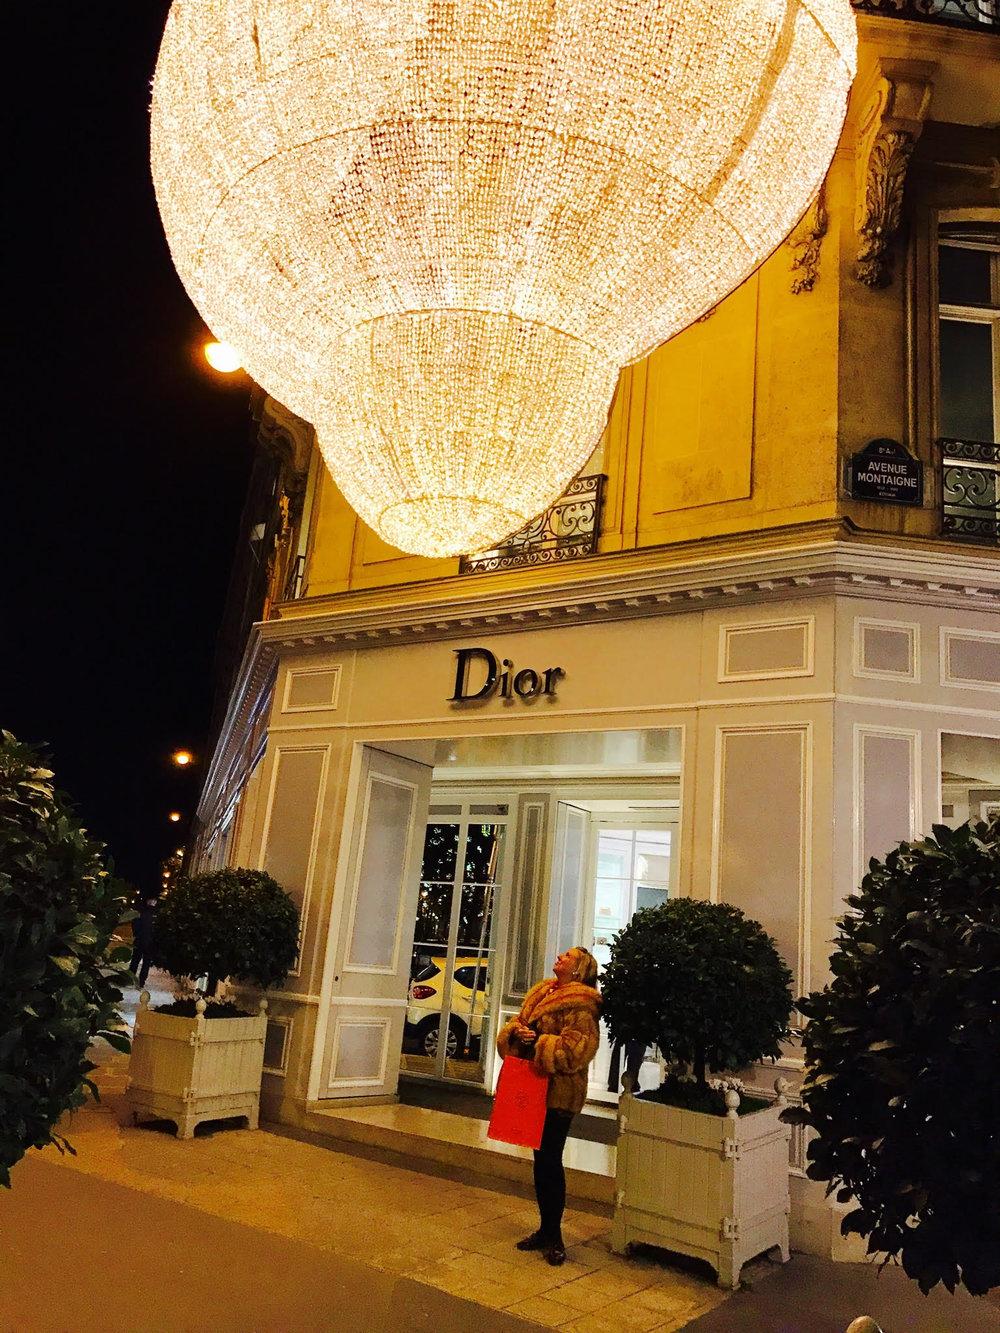 Dior at Christmas